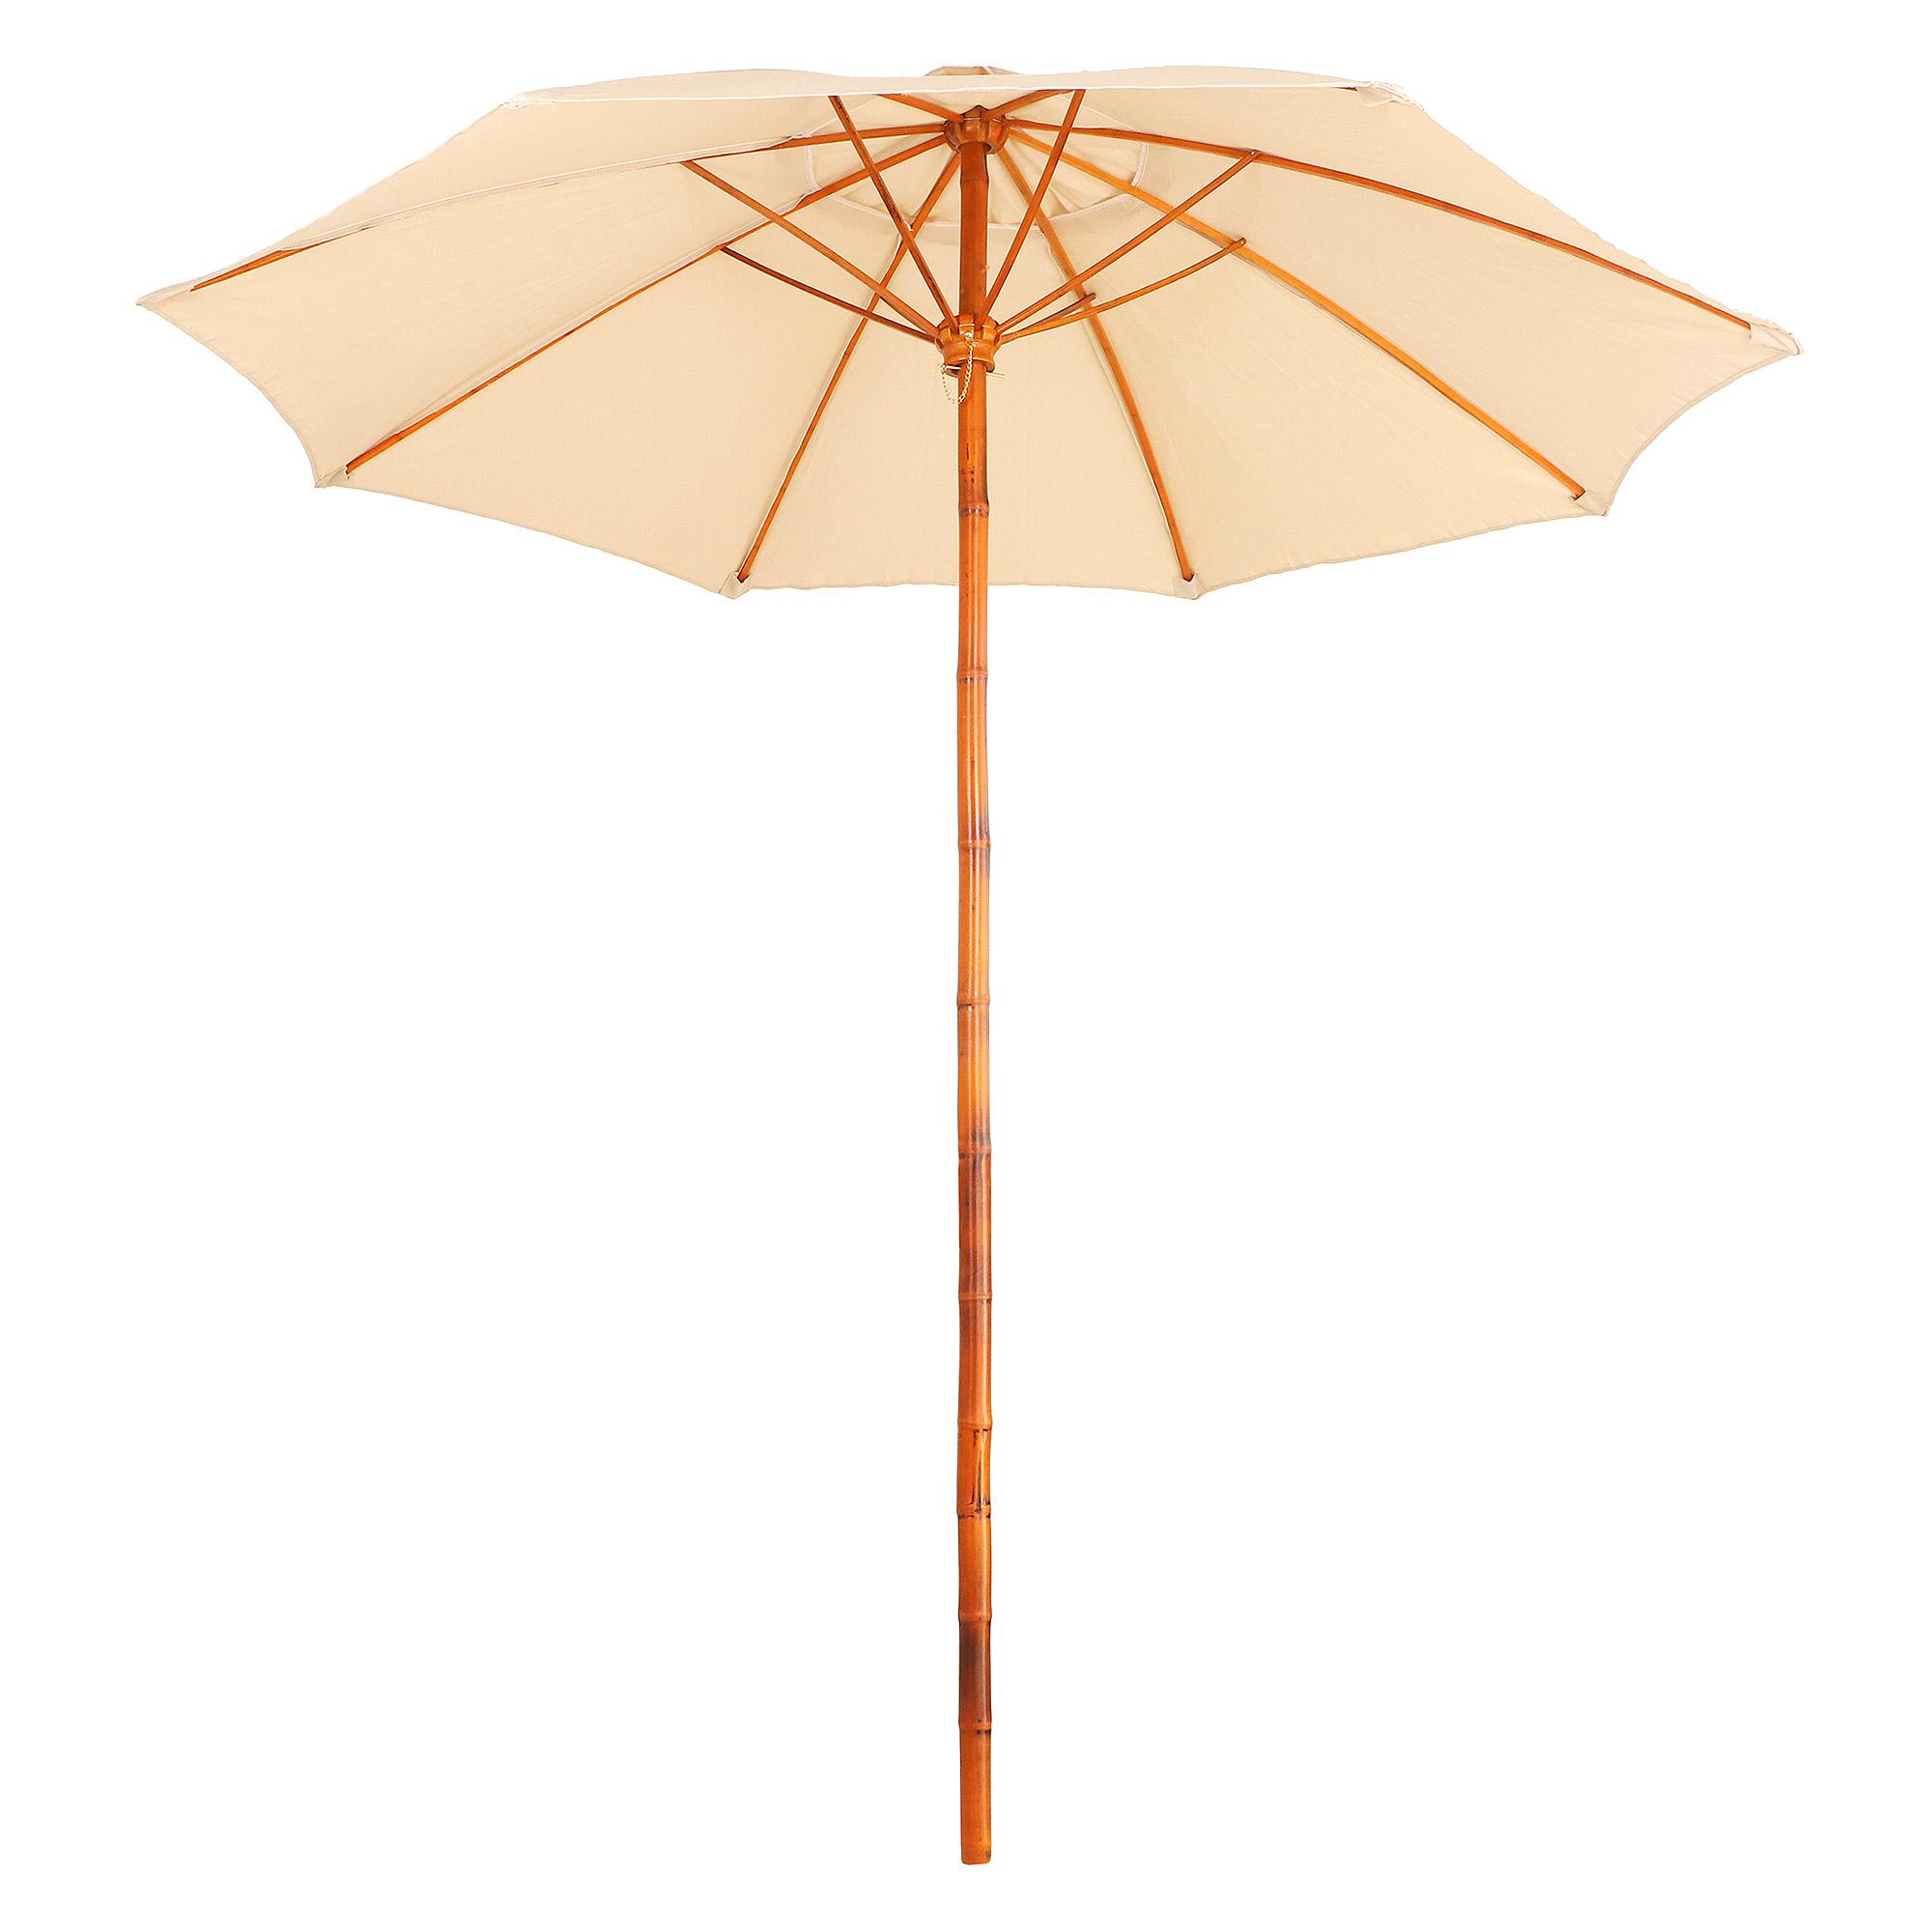 Зонт пляжный солнцезащитный Koopman furniture 2 м (FD2100660)